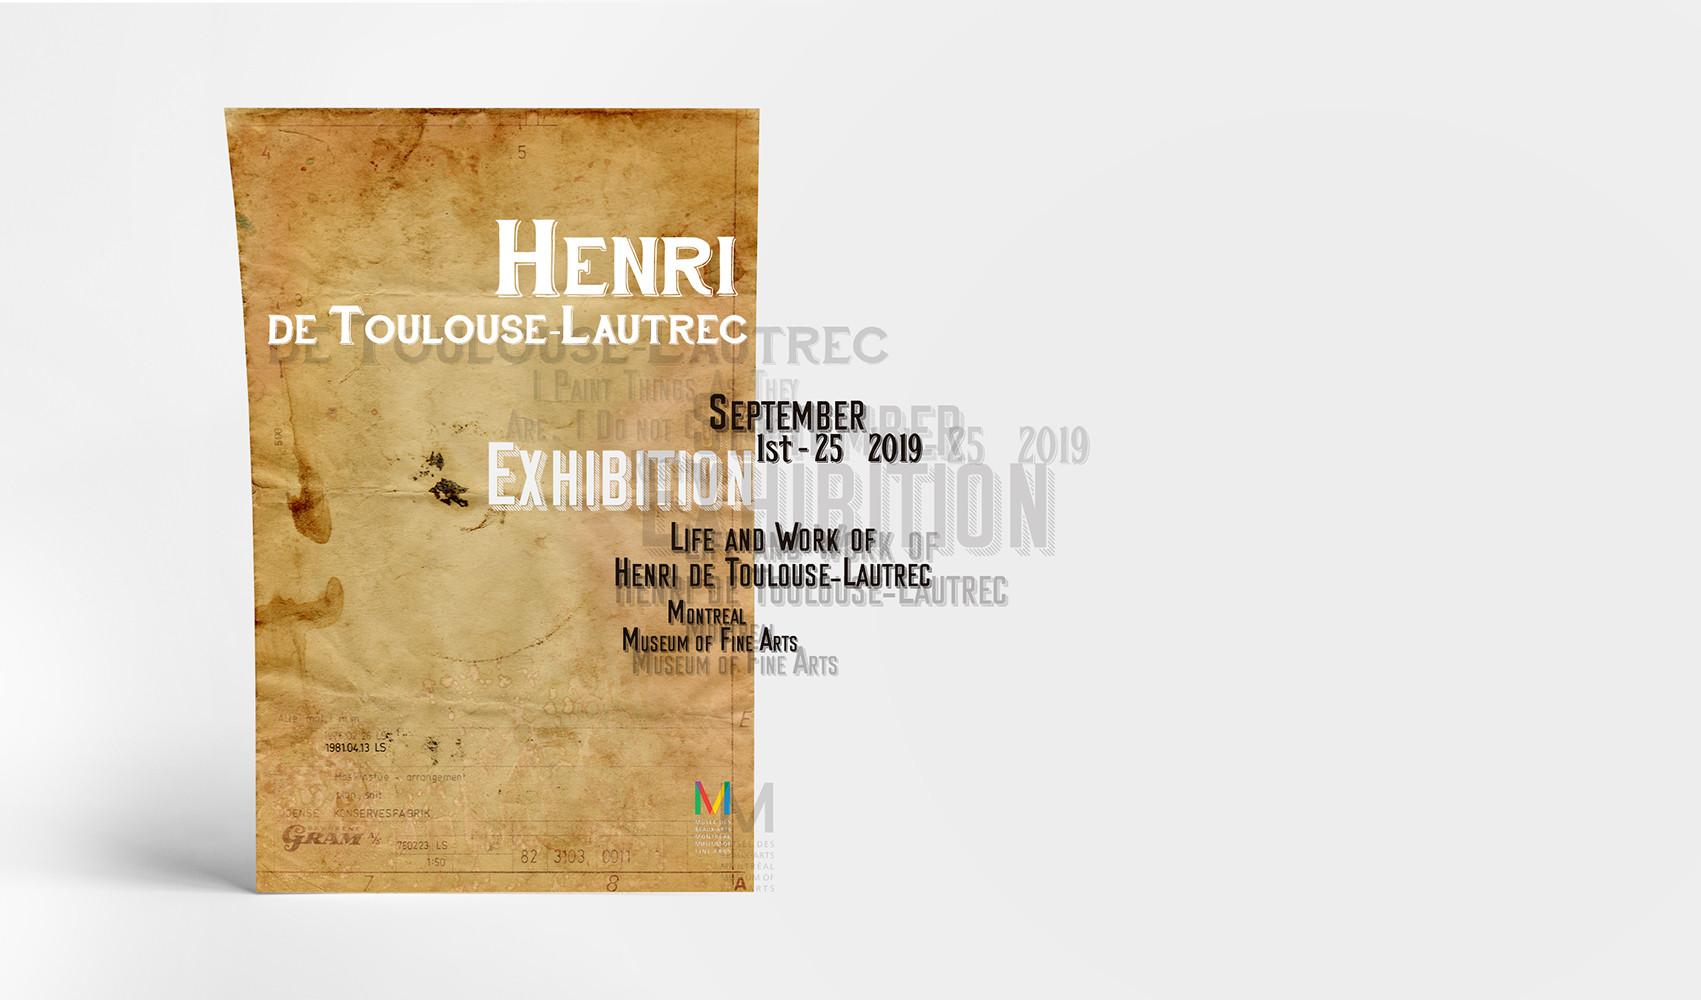 Afshin -Henri_de_Toulouse-Lautrec 03.jpg